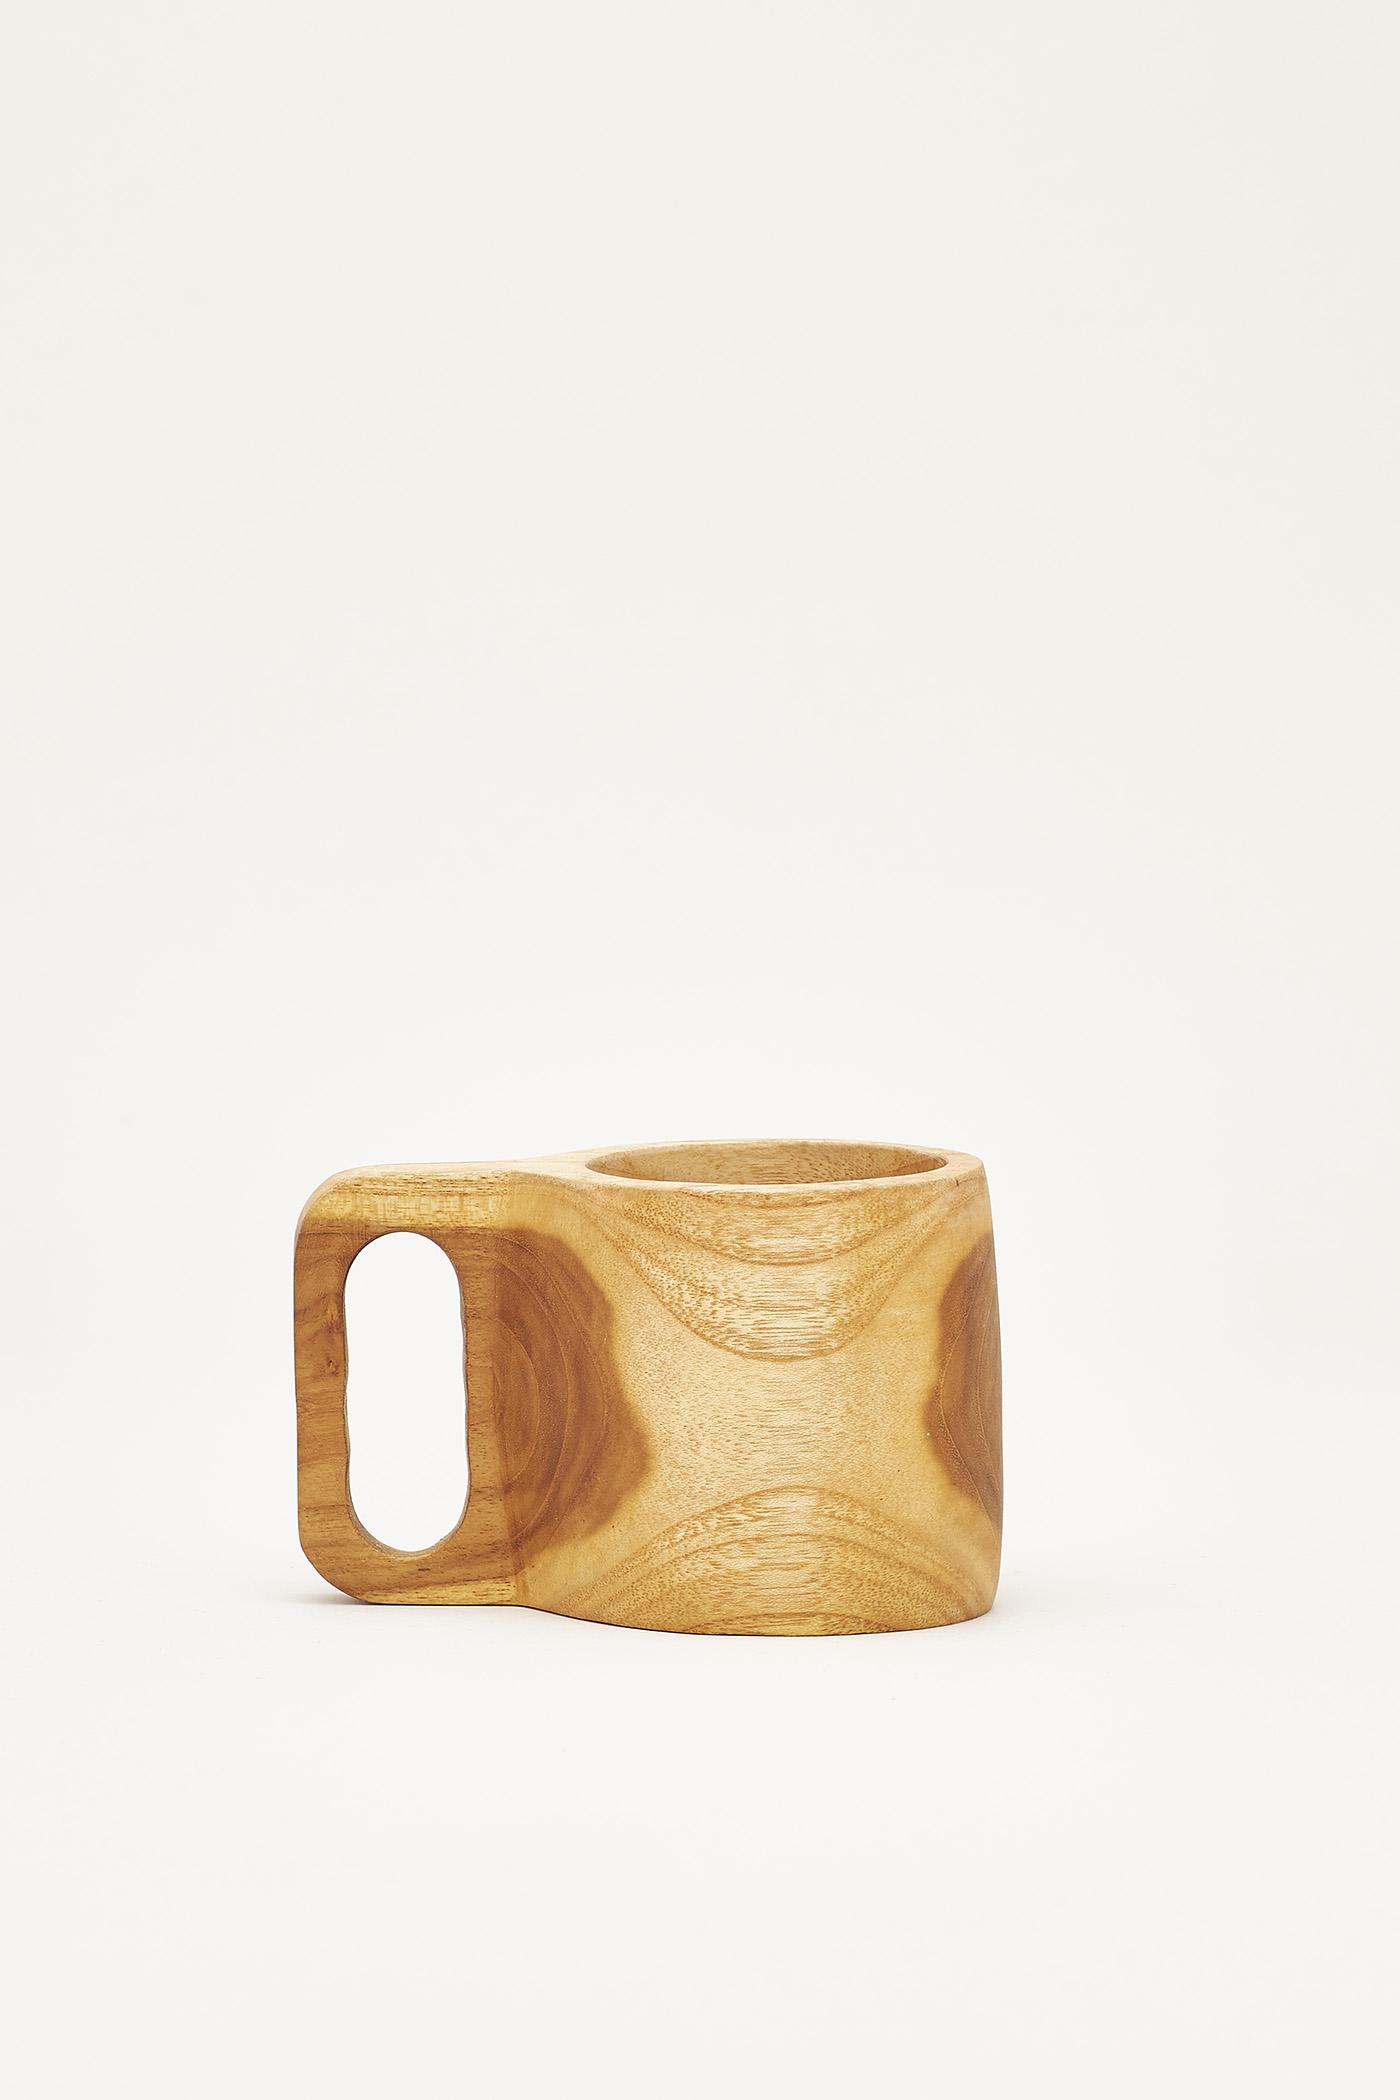 Wadell Wooden Mug